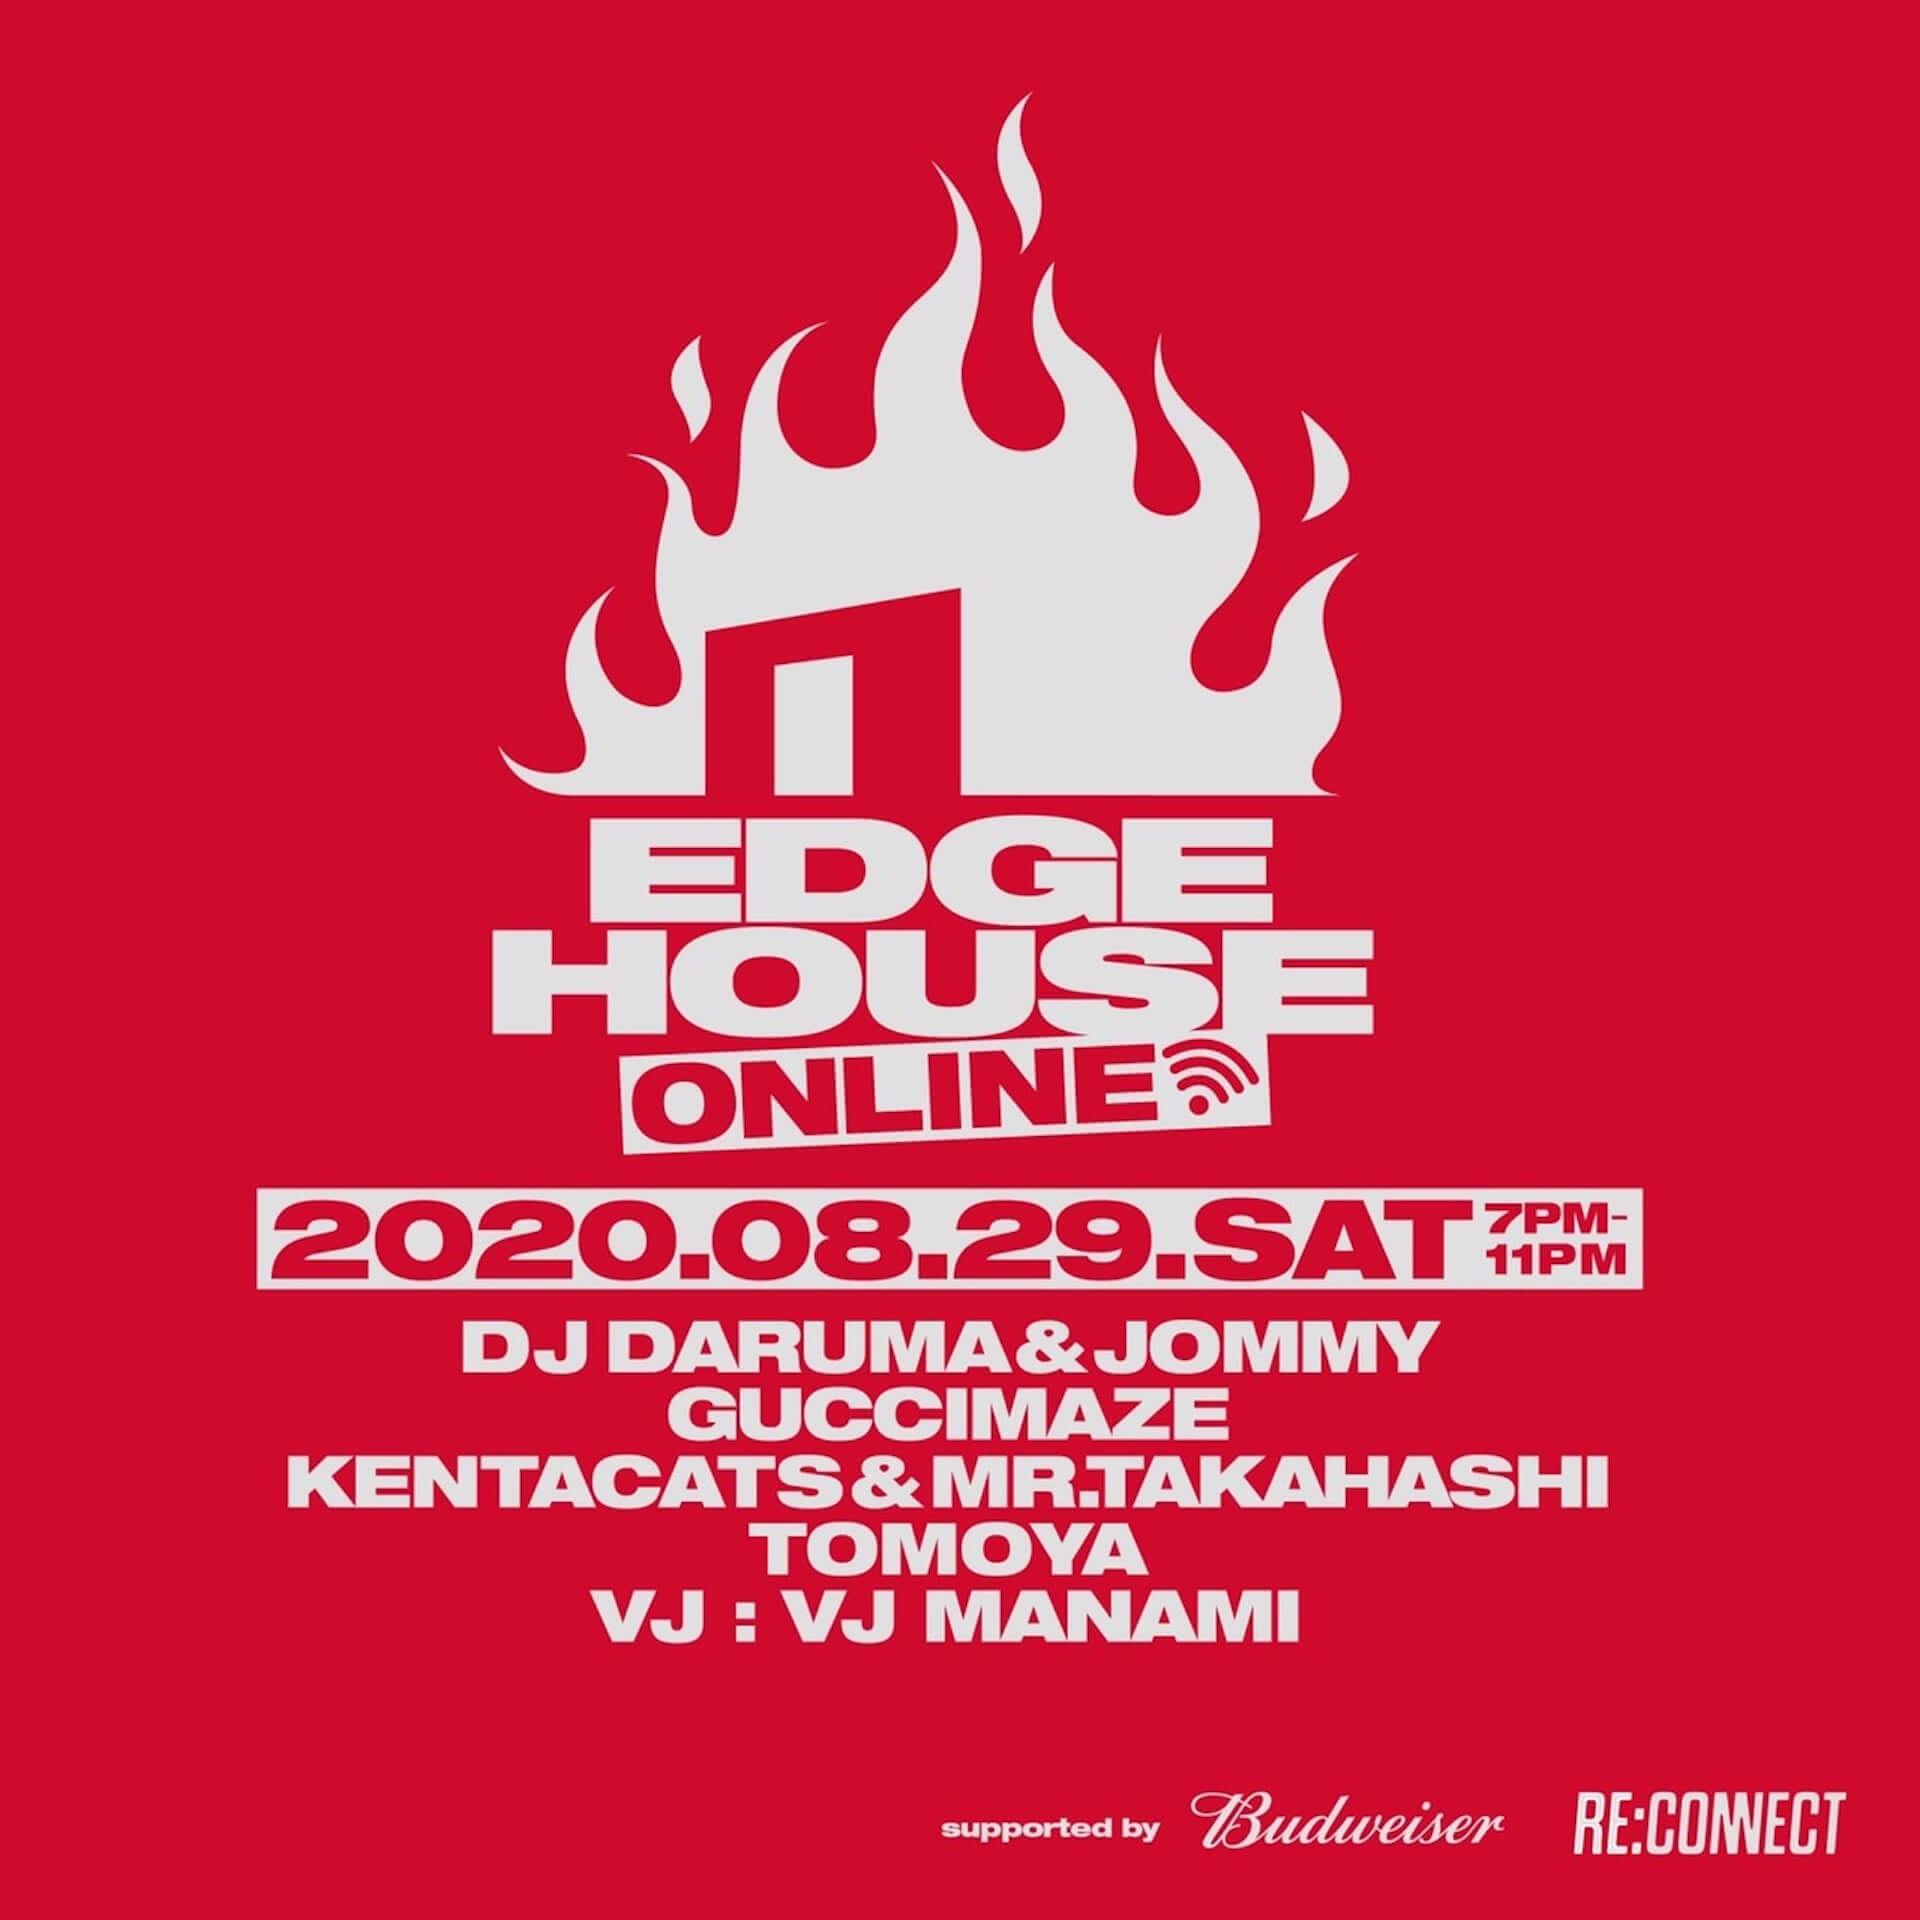 渋谷VISION<EDGE HOUSE>のDJ配信をバドワイザー「RE:CONNECT」が支援決定!GUCCIMAZE、DJ DARUMA & JOMMYらが出演 music200819_budweiser-reconnect_3-1920x1920